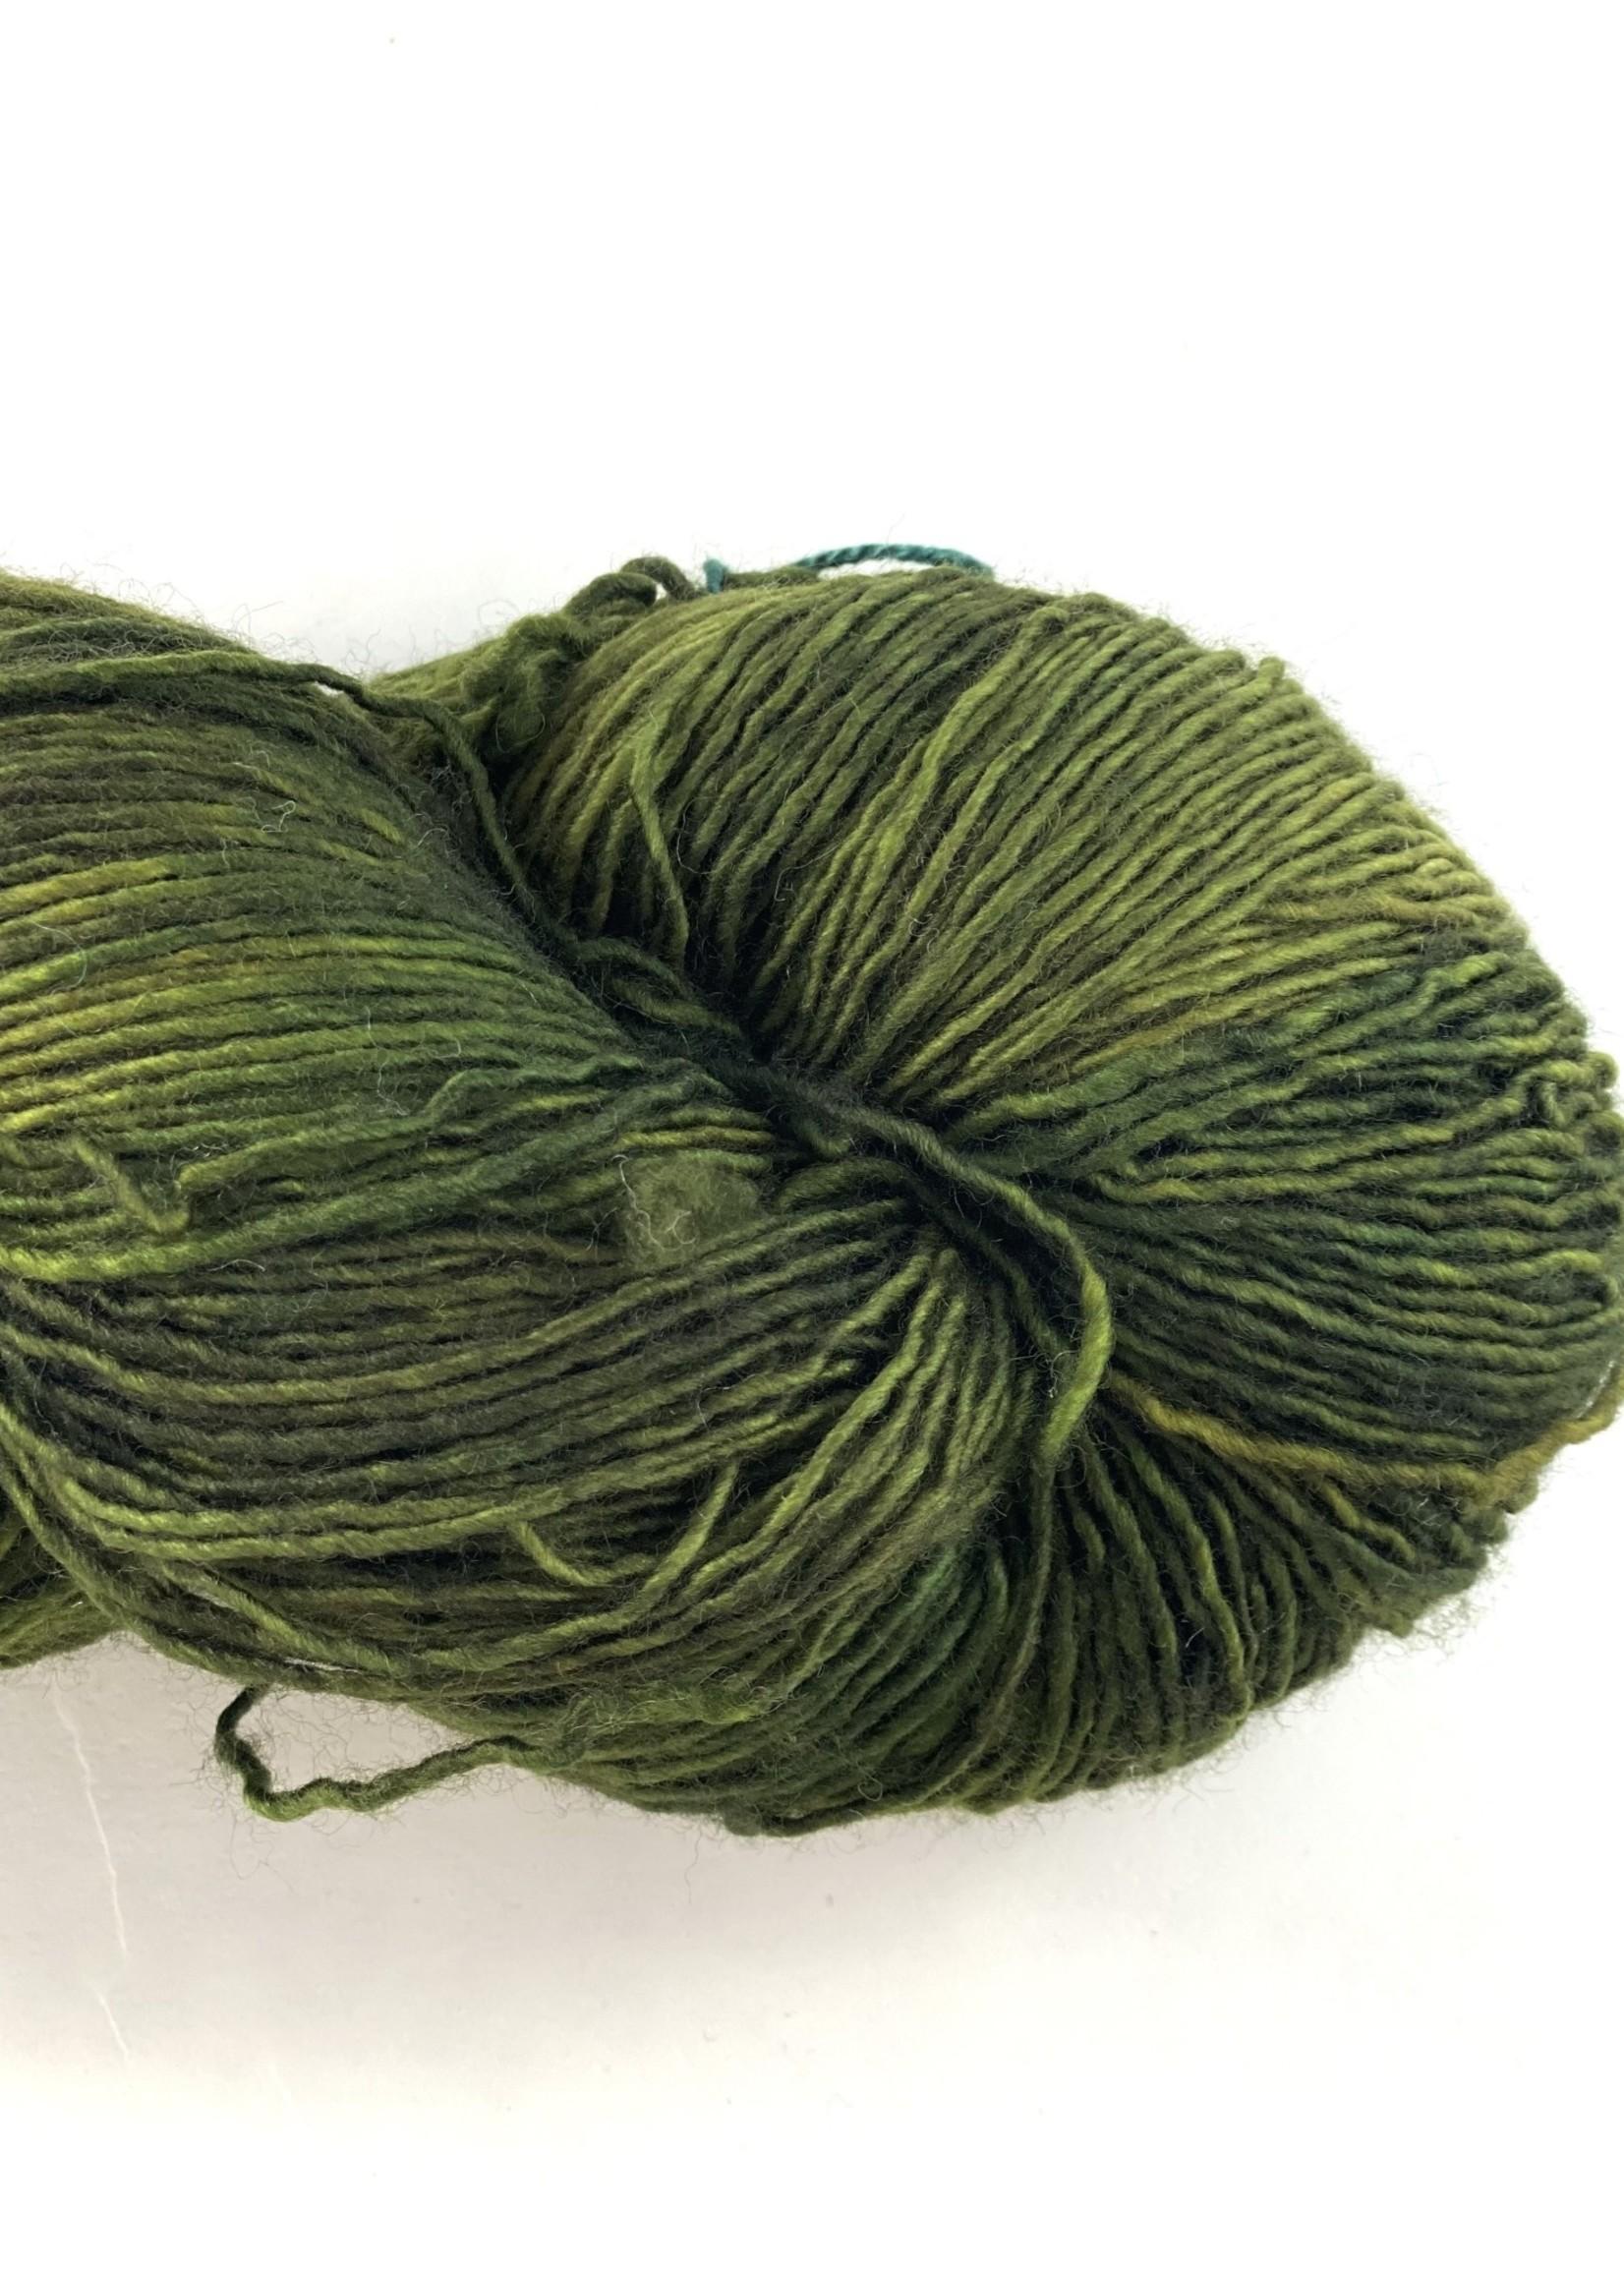 Fleece Artist Yarn Fleece Artist Merino Slim Cedar